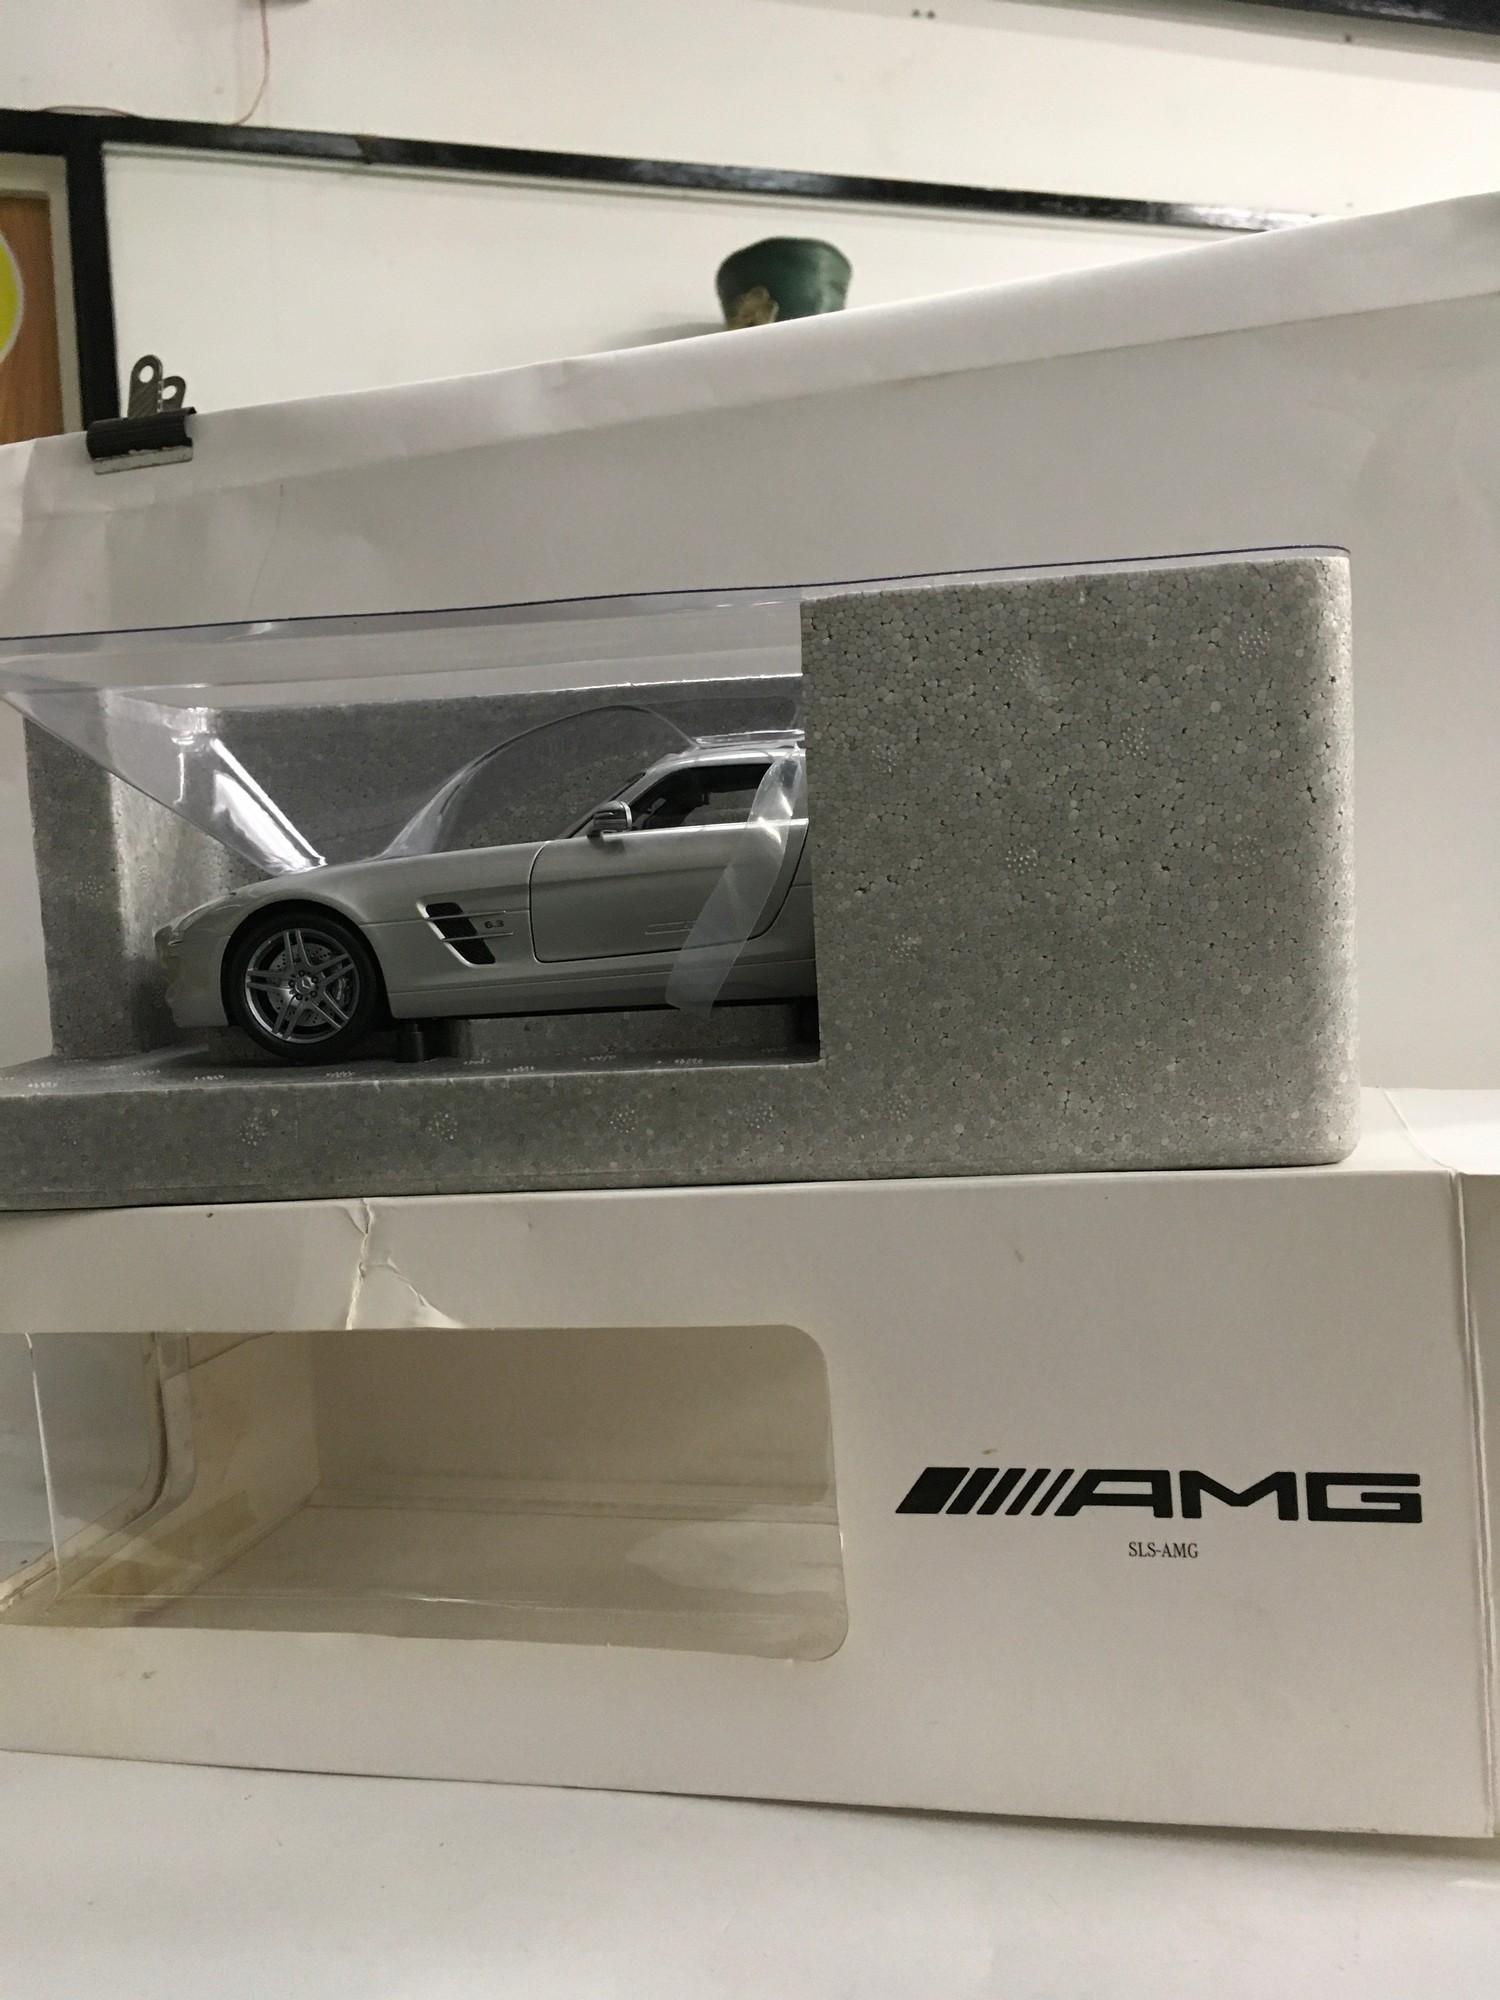 Boxed model of a Mercedes Benz AMG SLS-AMG.